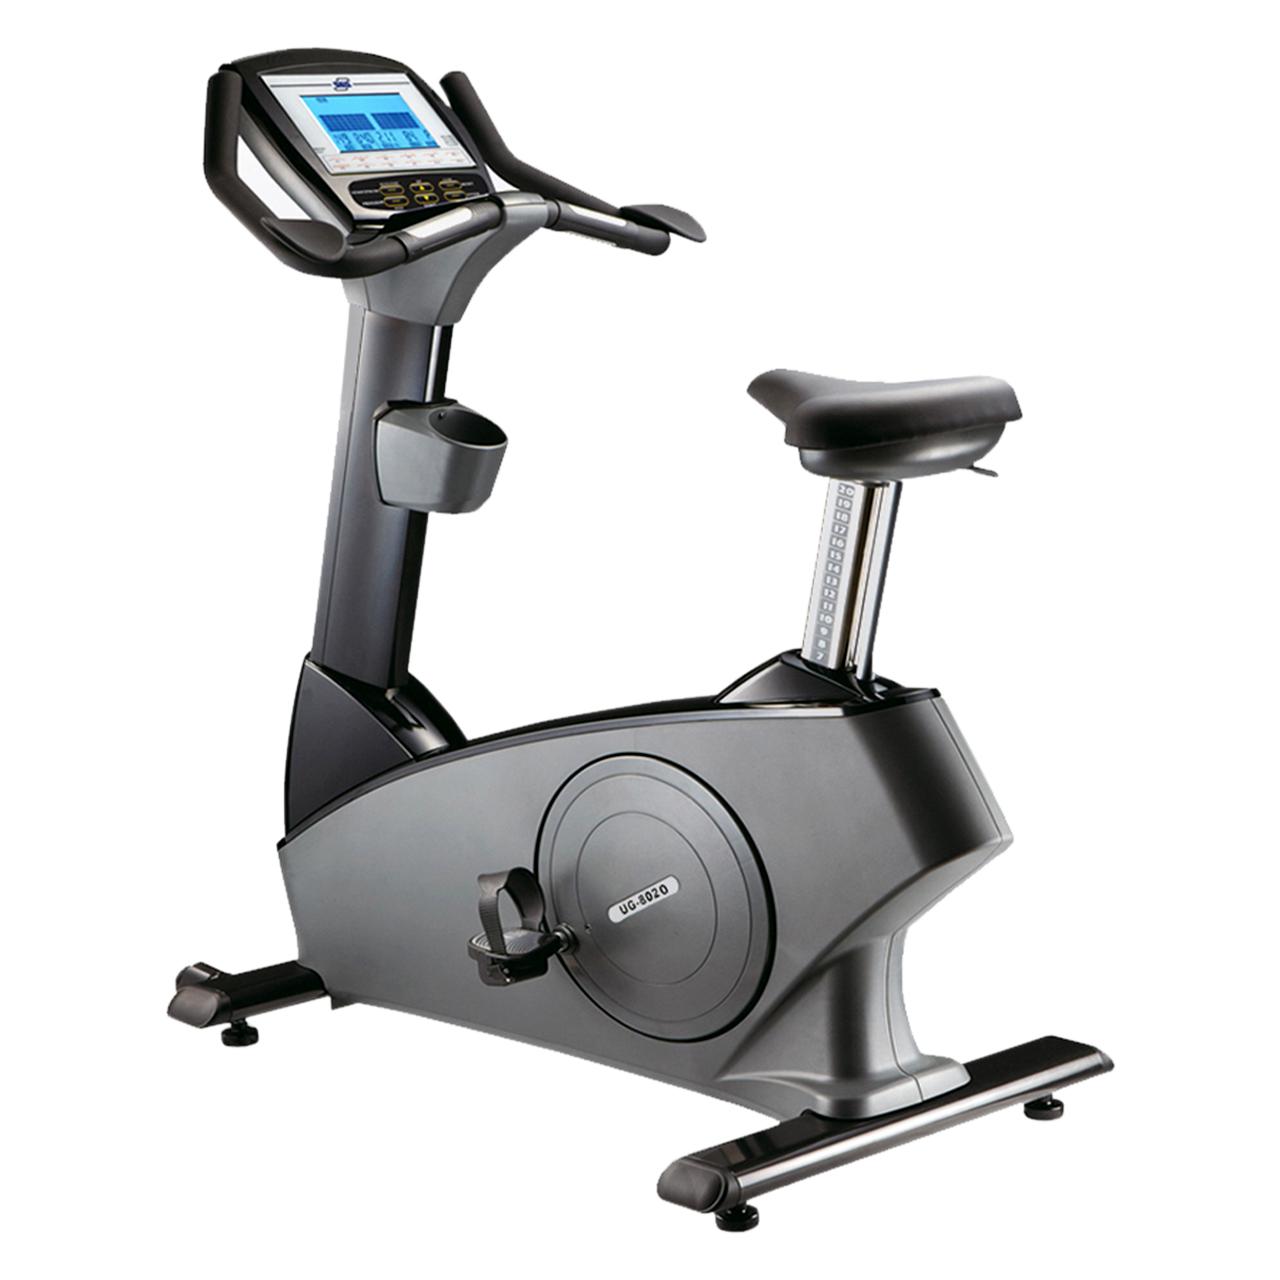 دوچرخه ثابت مدلSEG